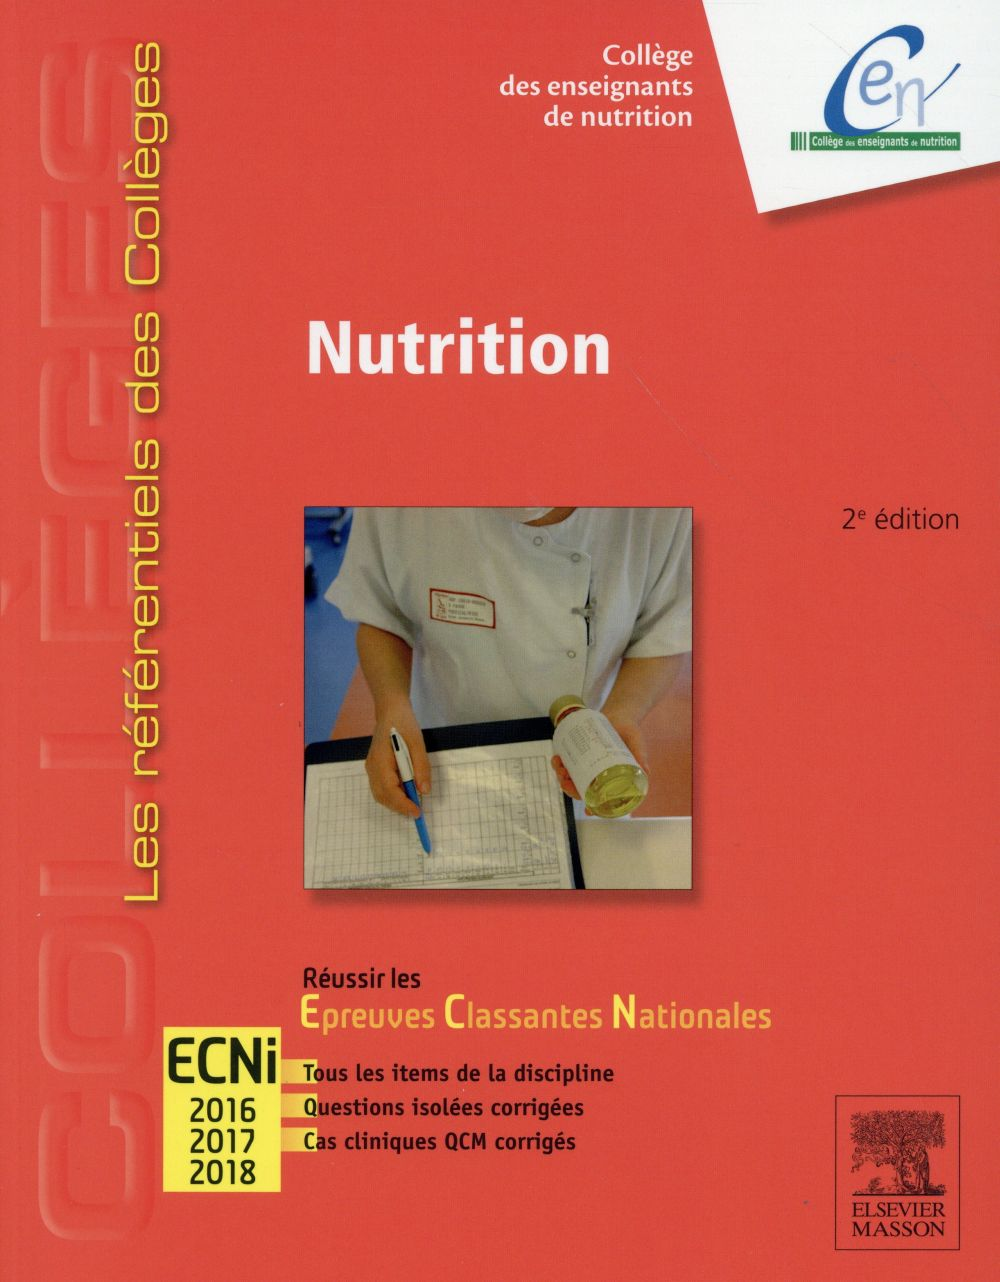 NUTRITION - REUSSIR LES ECNI